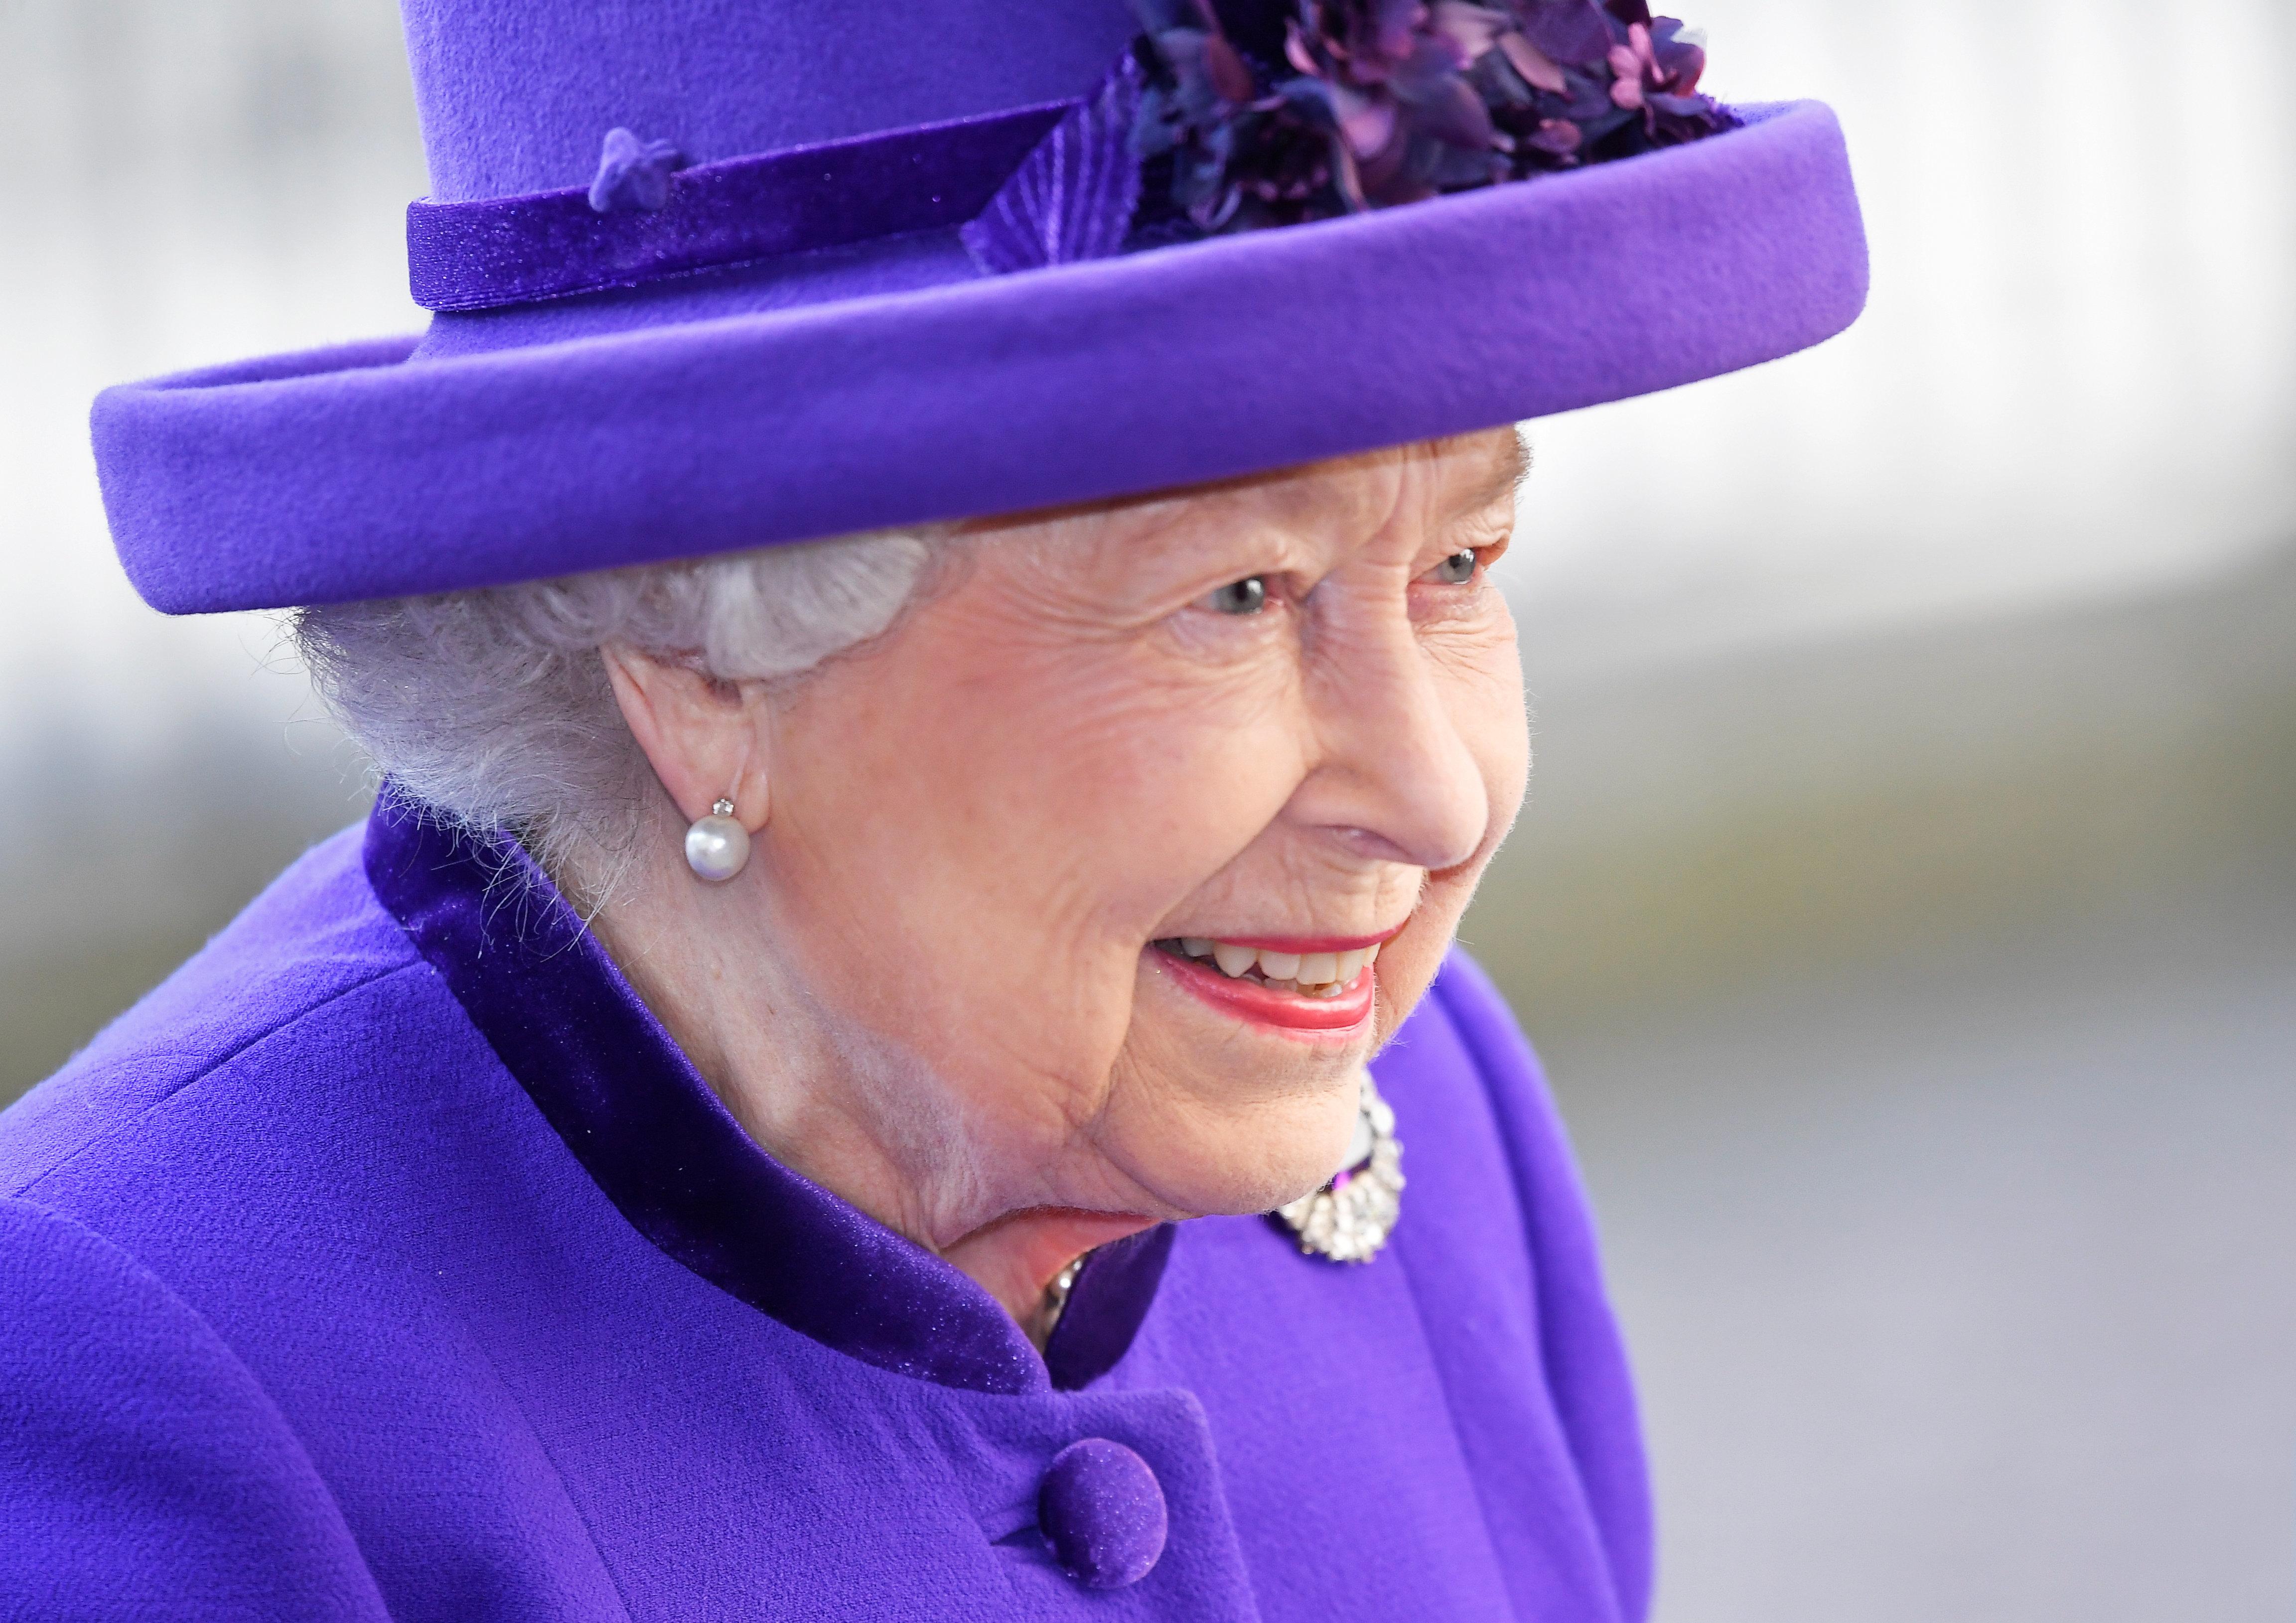 Η βασίλισσα Ελισάβετ ασκεί βέτο στην ανεξαρτησία του πρίγκιπα Χάρι και της Μέγκαν